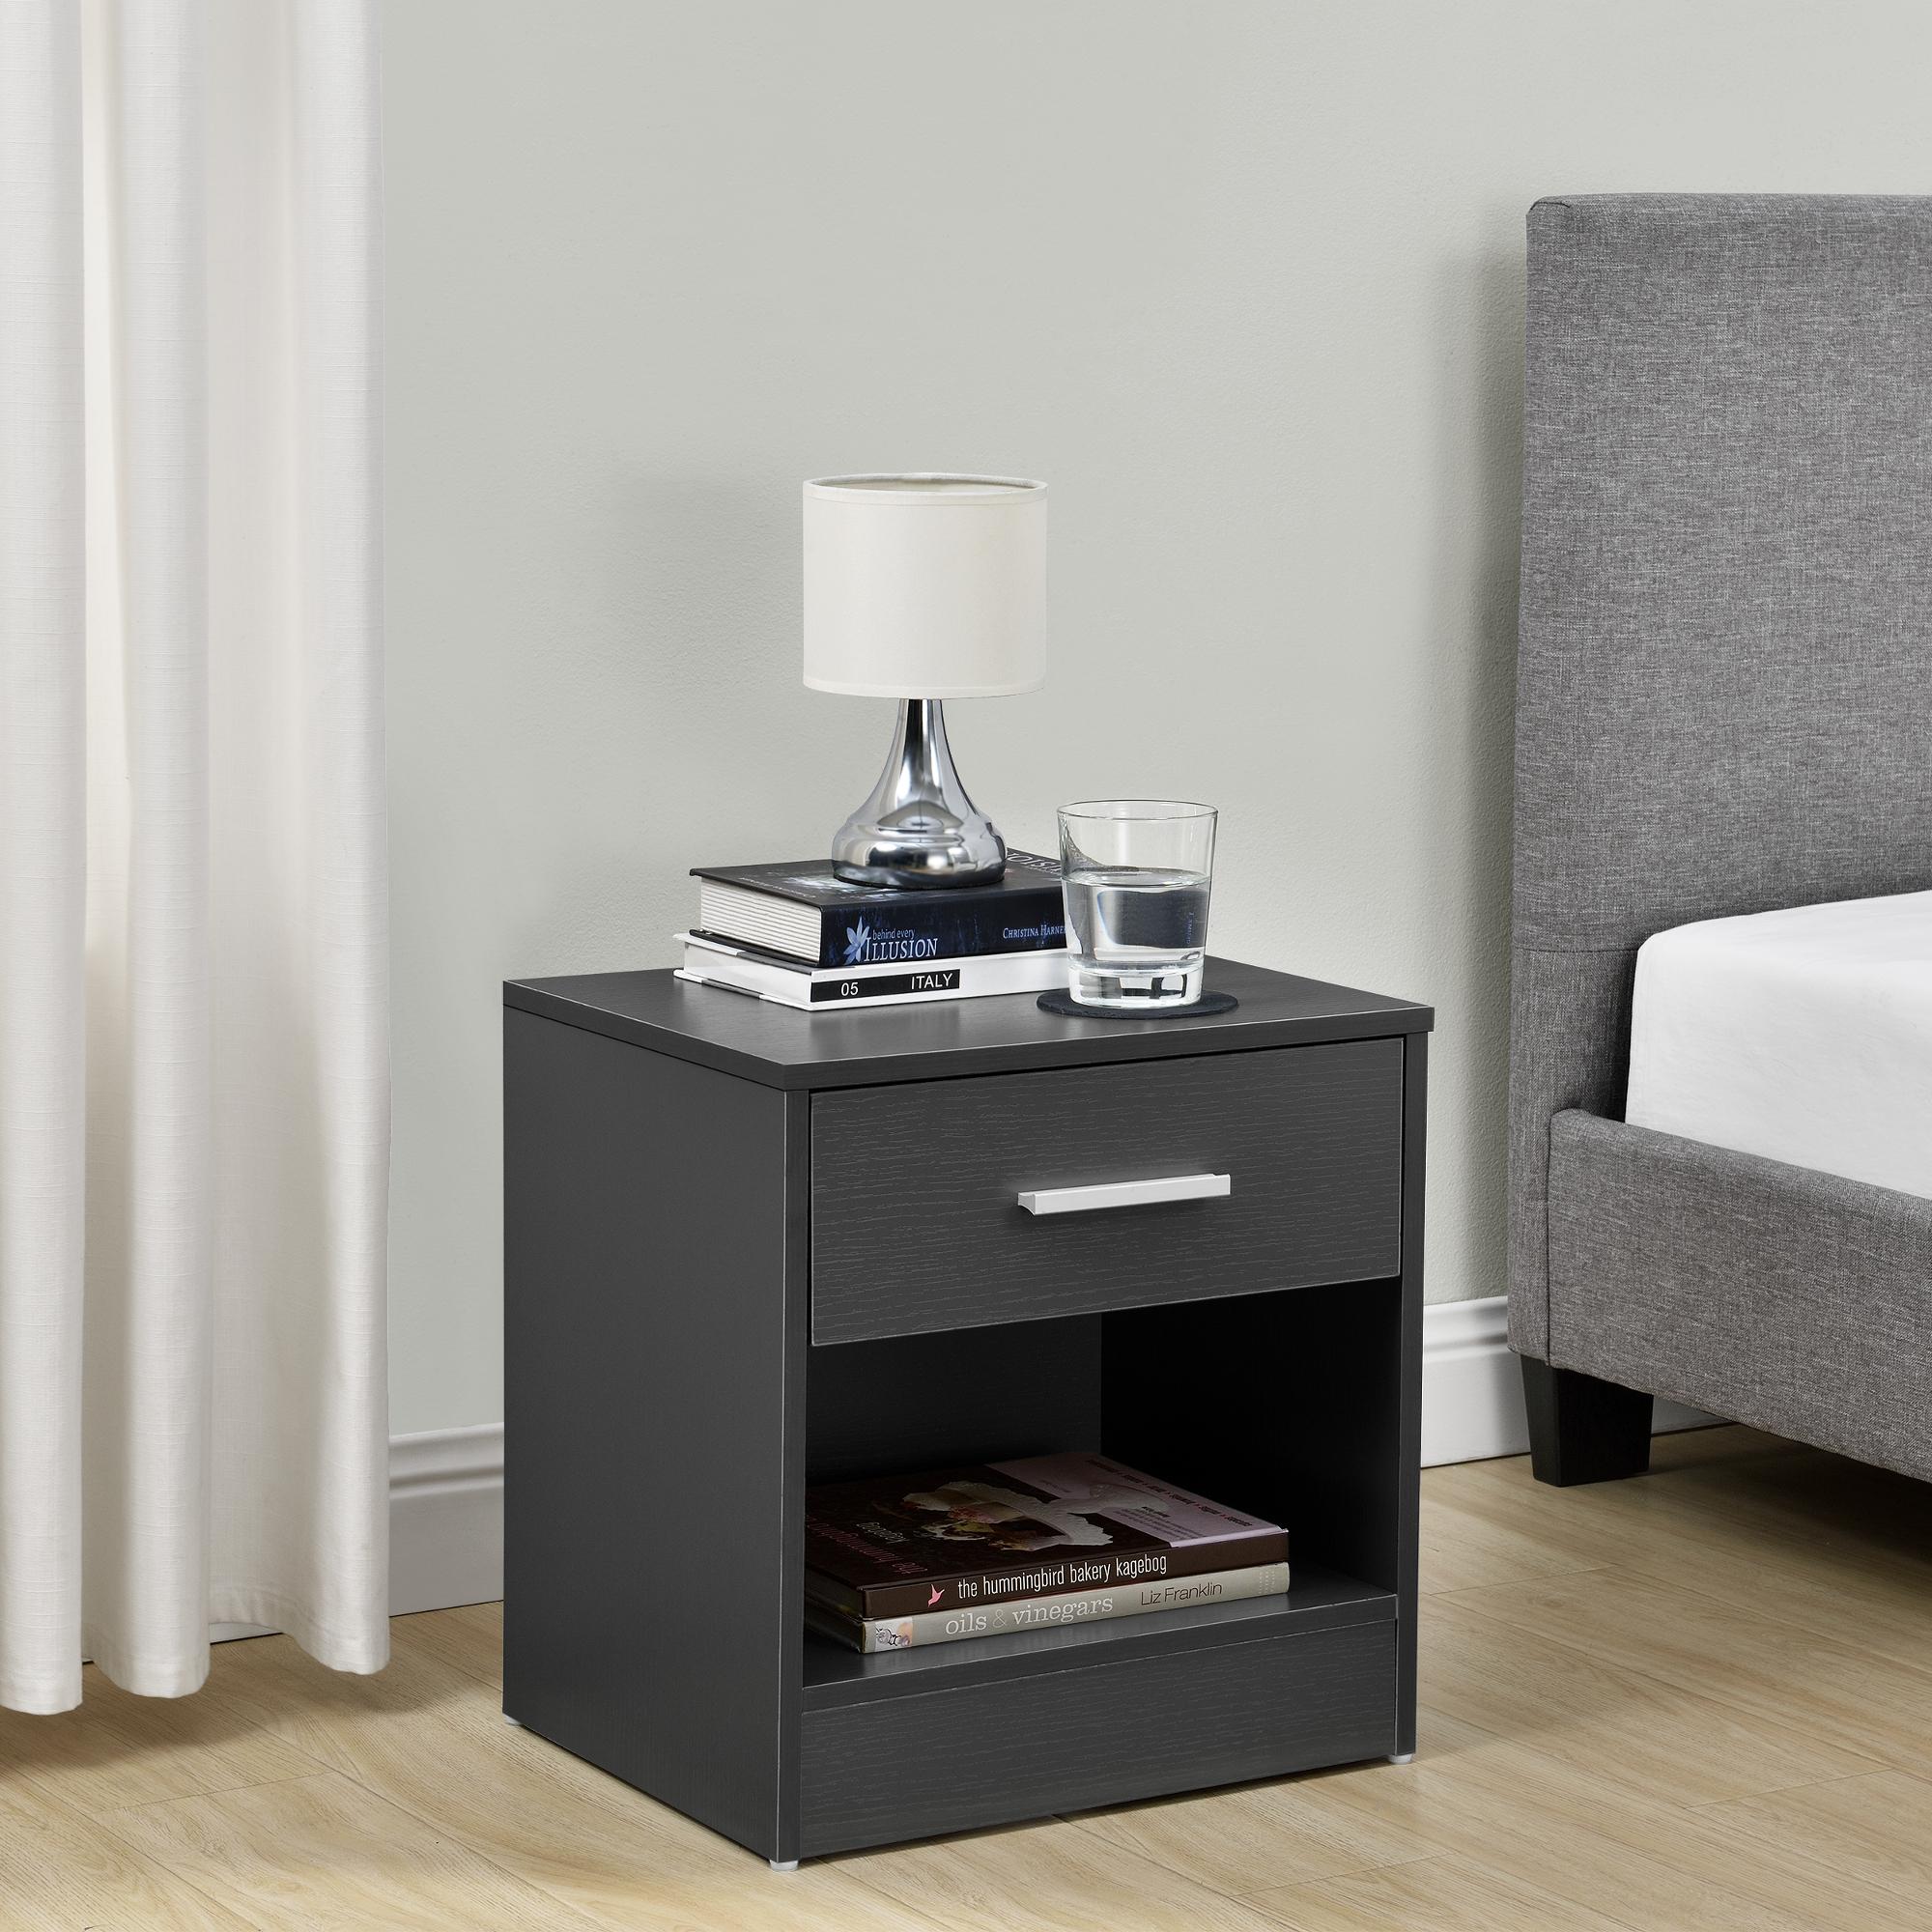 nachttisch mit schublade grau nachtkommode beistelltisch ablage ebay